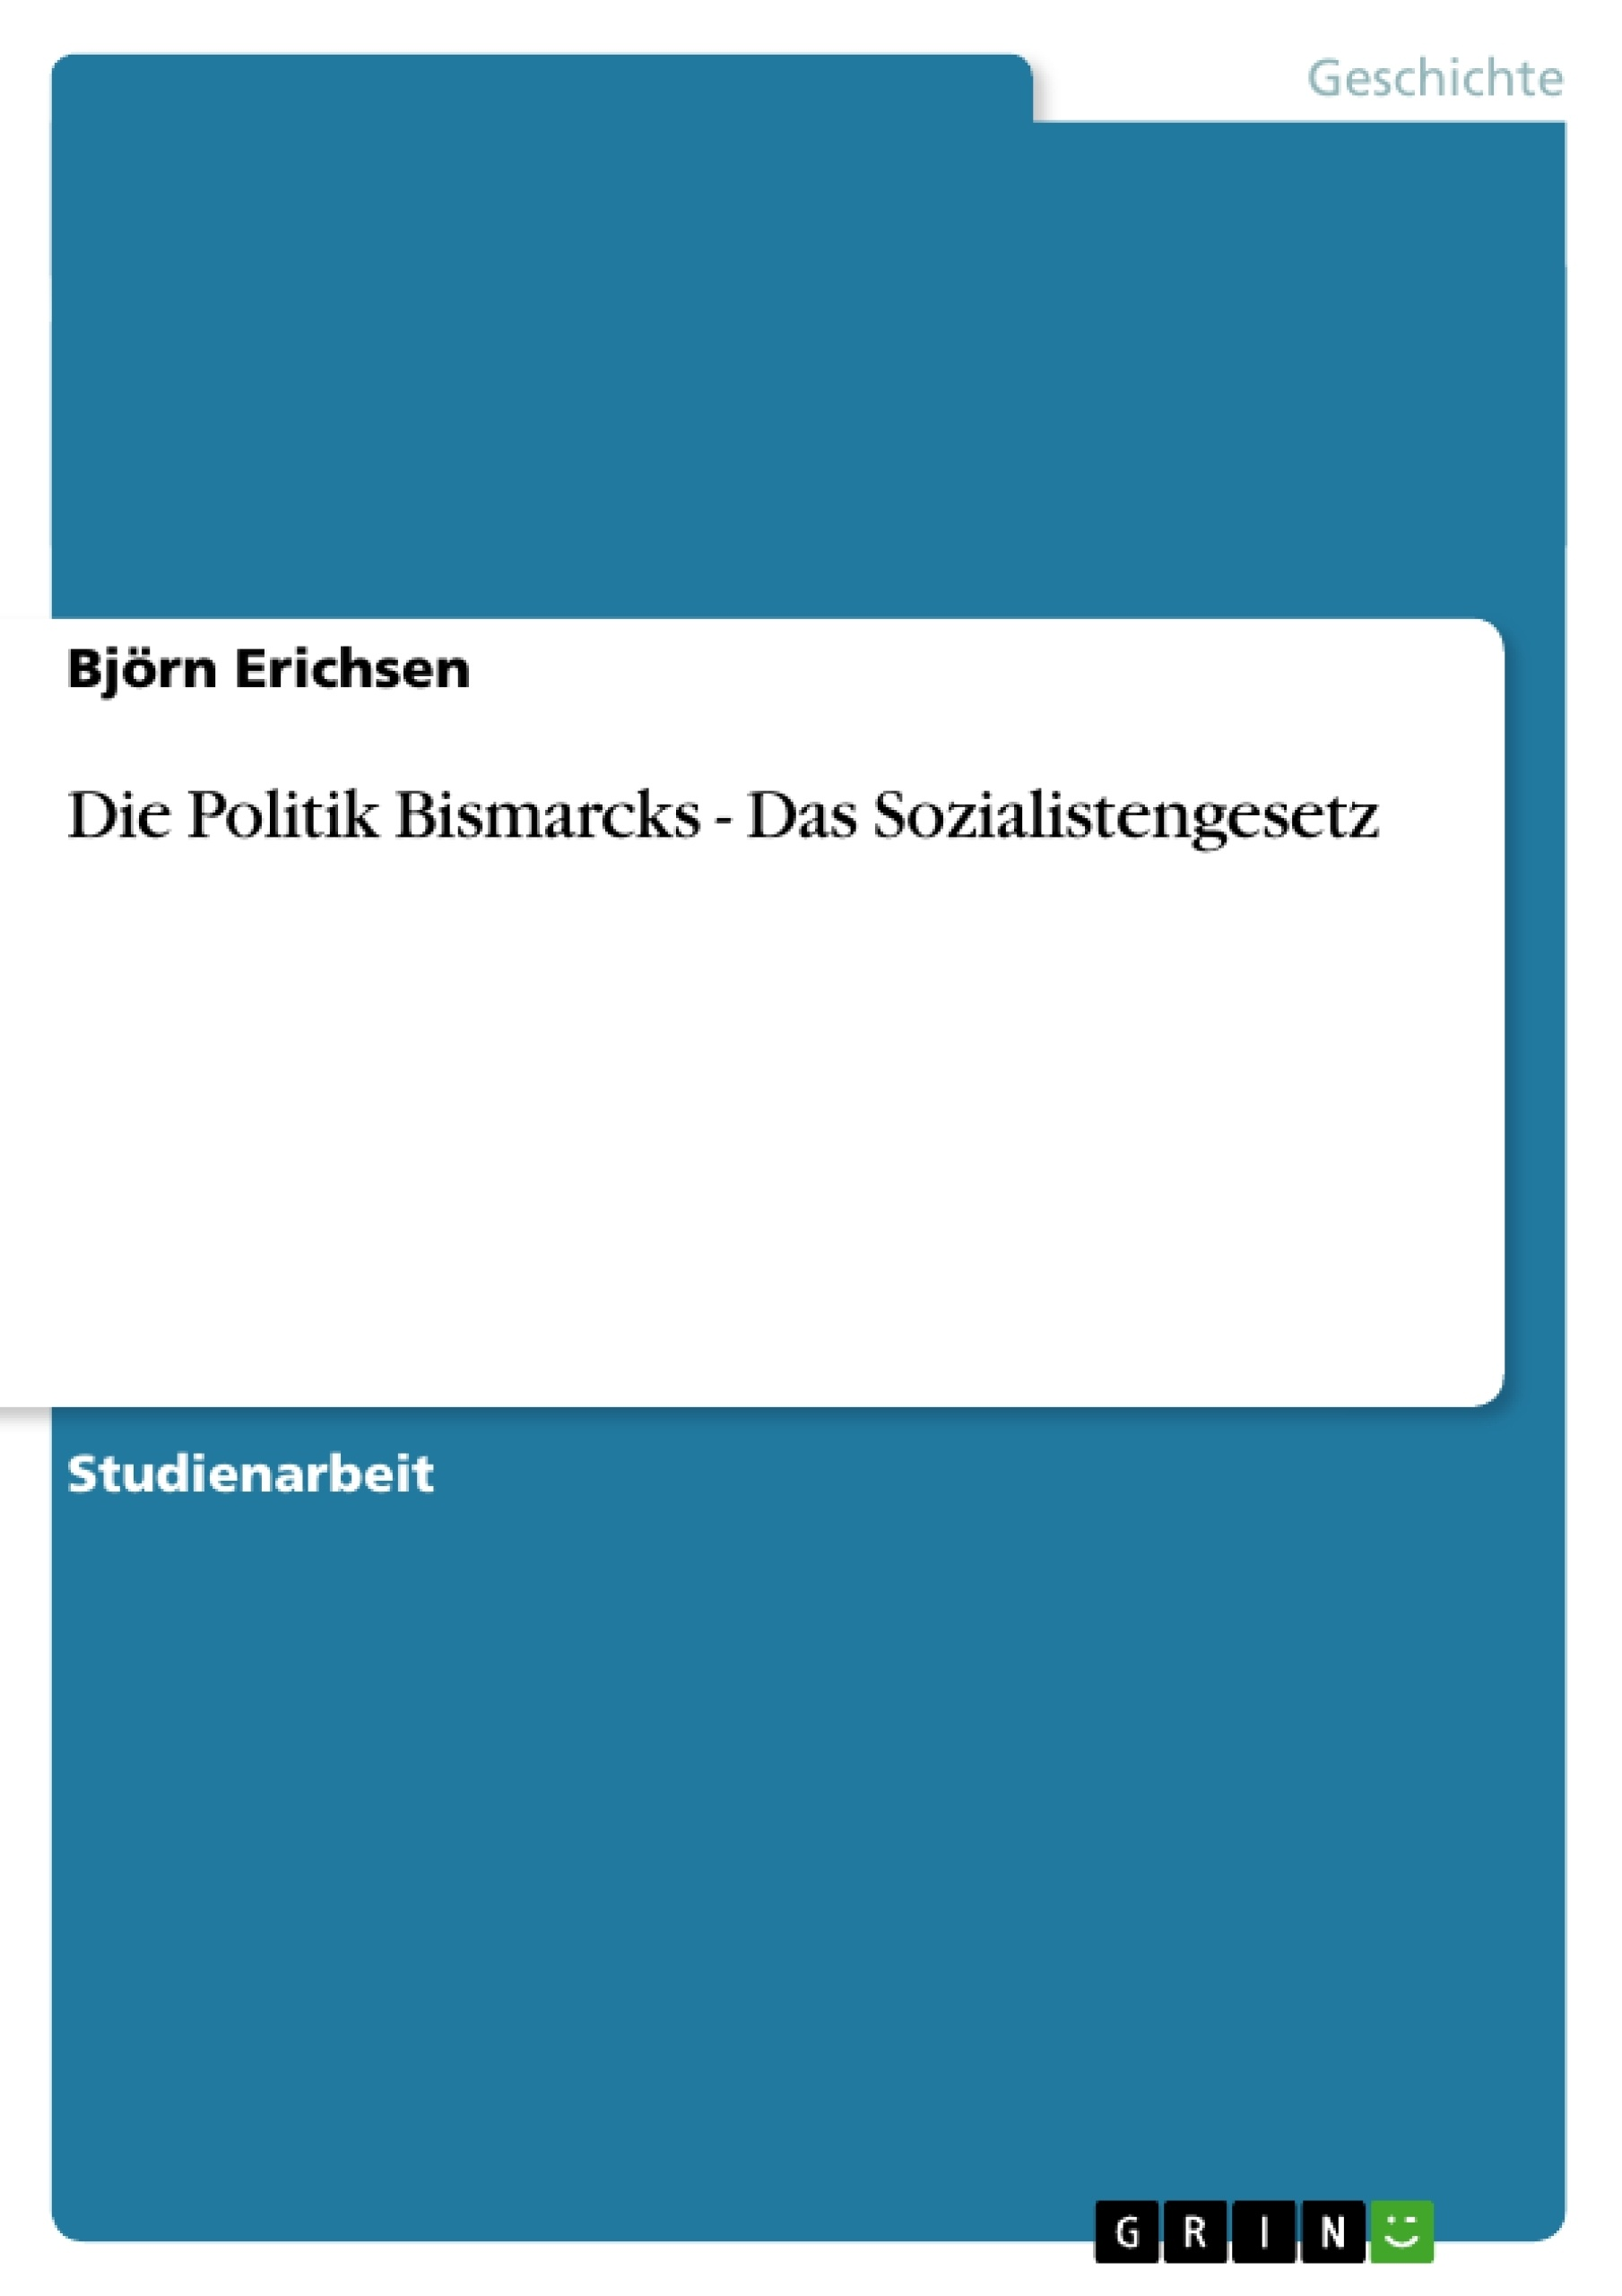 Titel: Die Politik Bismarcks  - Das Sozialistengesetz